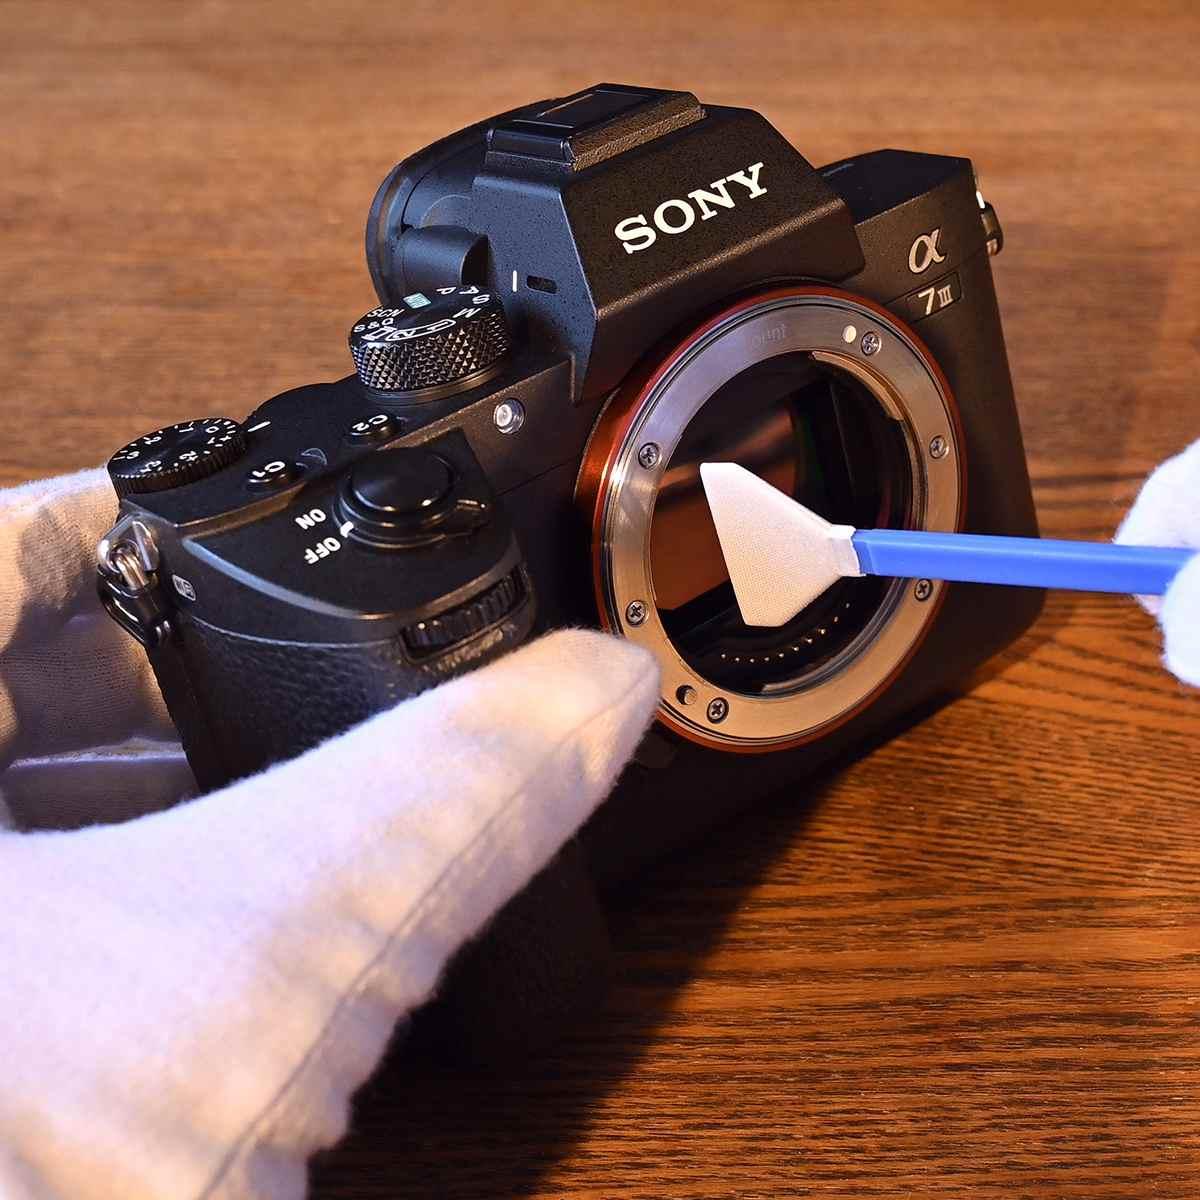 一眼ユーザー必見! イメージセンサーの汚れを簡単・格安に除去する方法